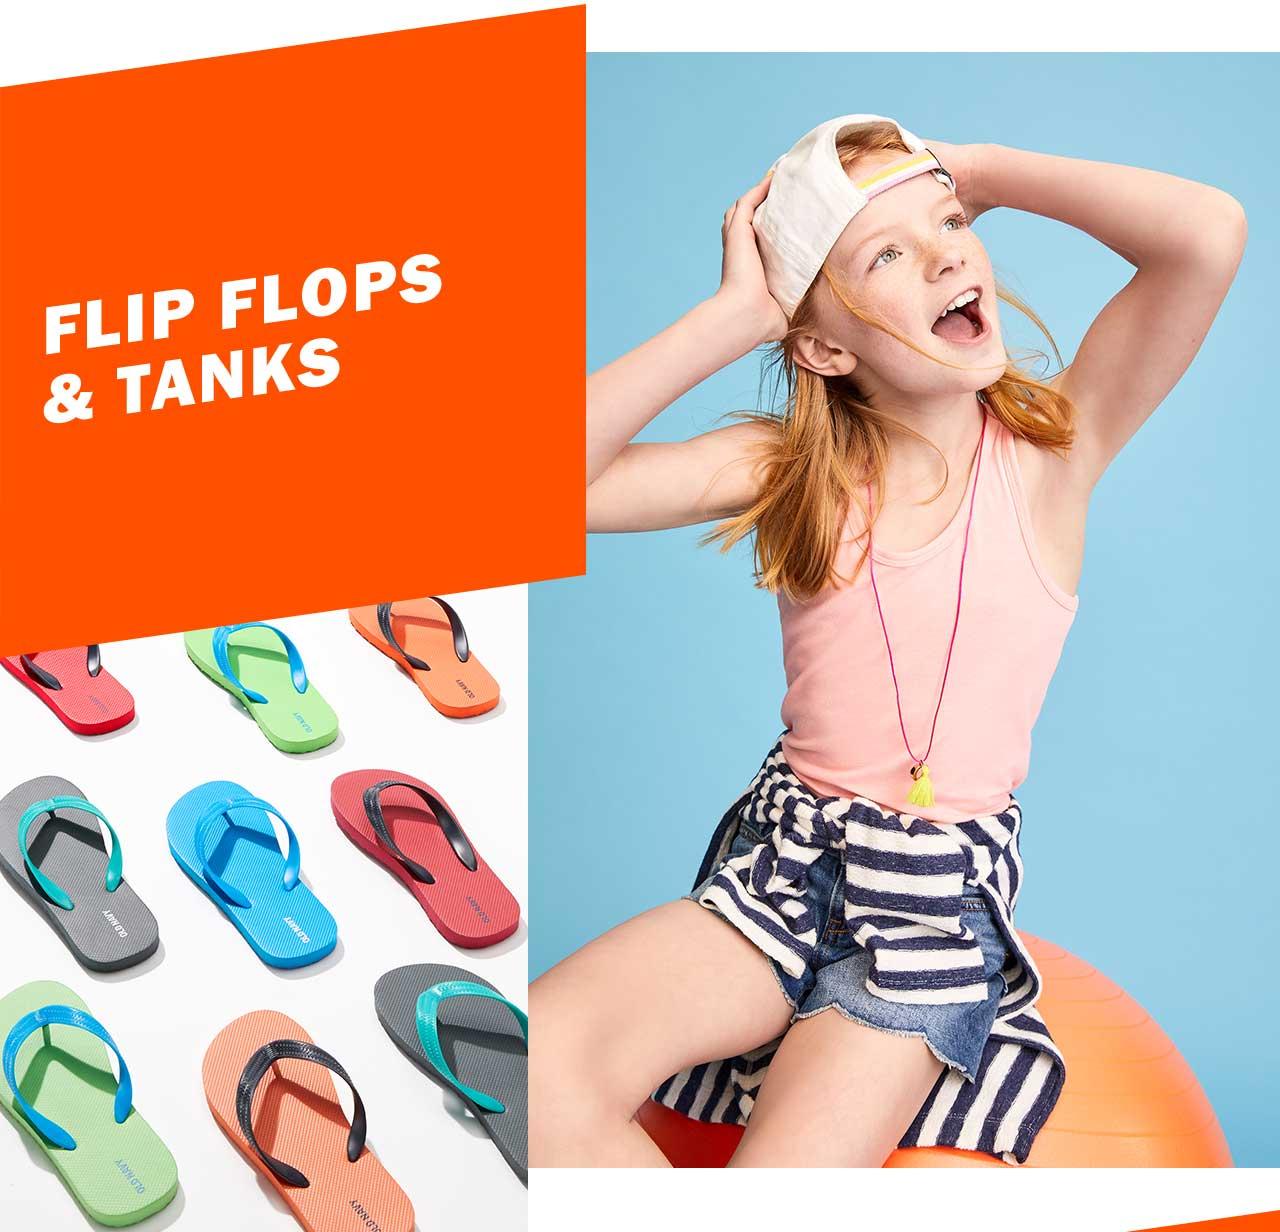 FLIP FLOPS & TANKS